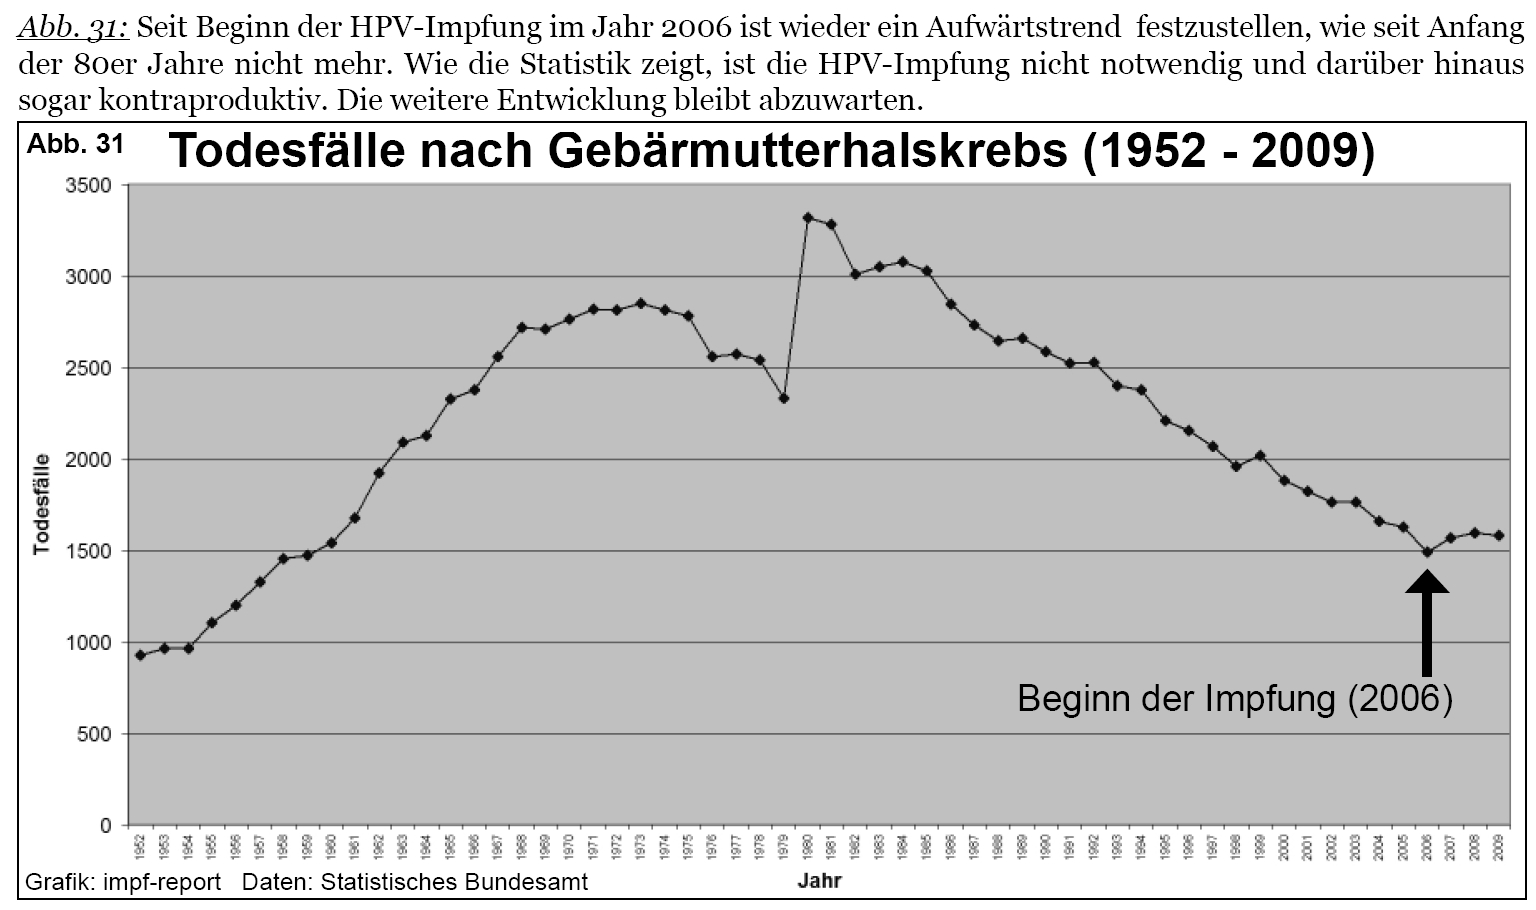 hpv impfung hersteller